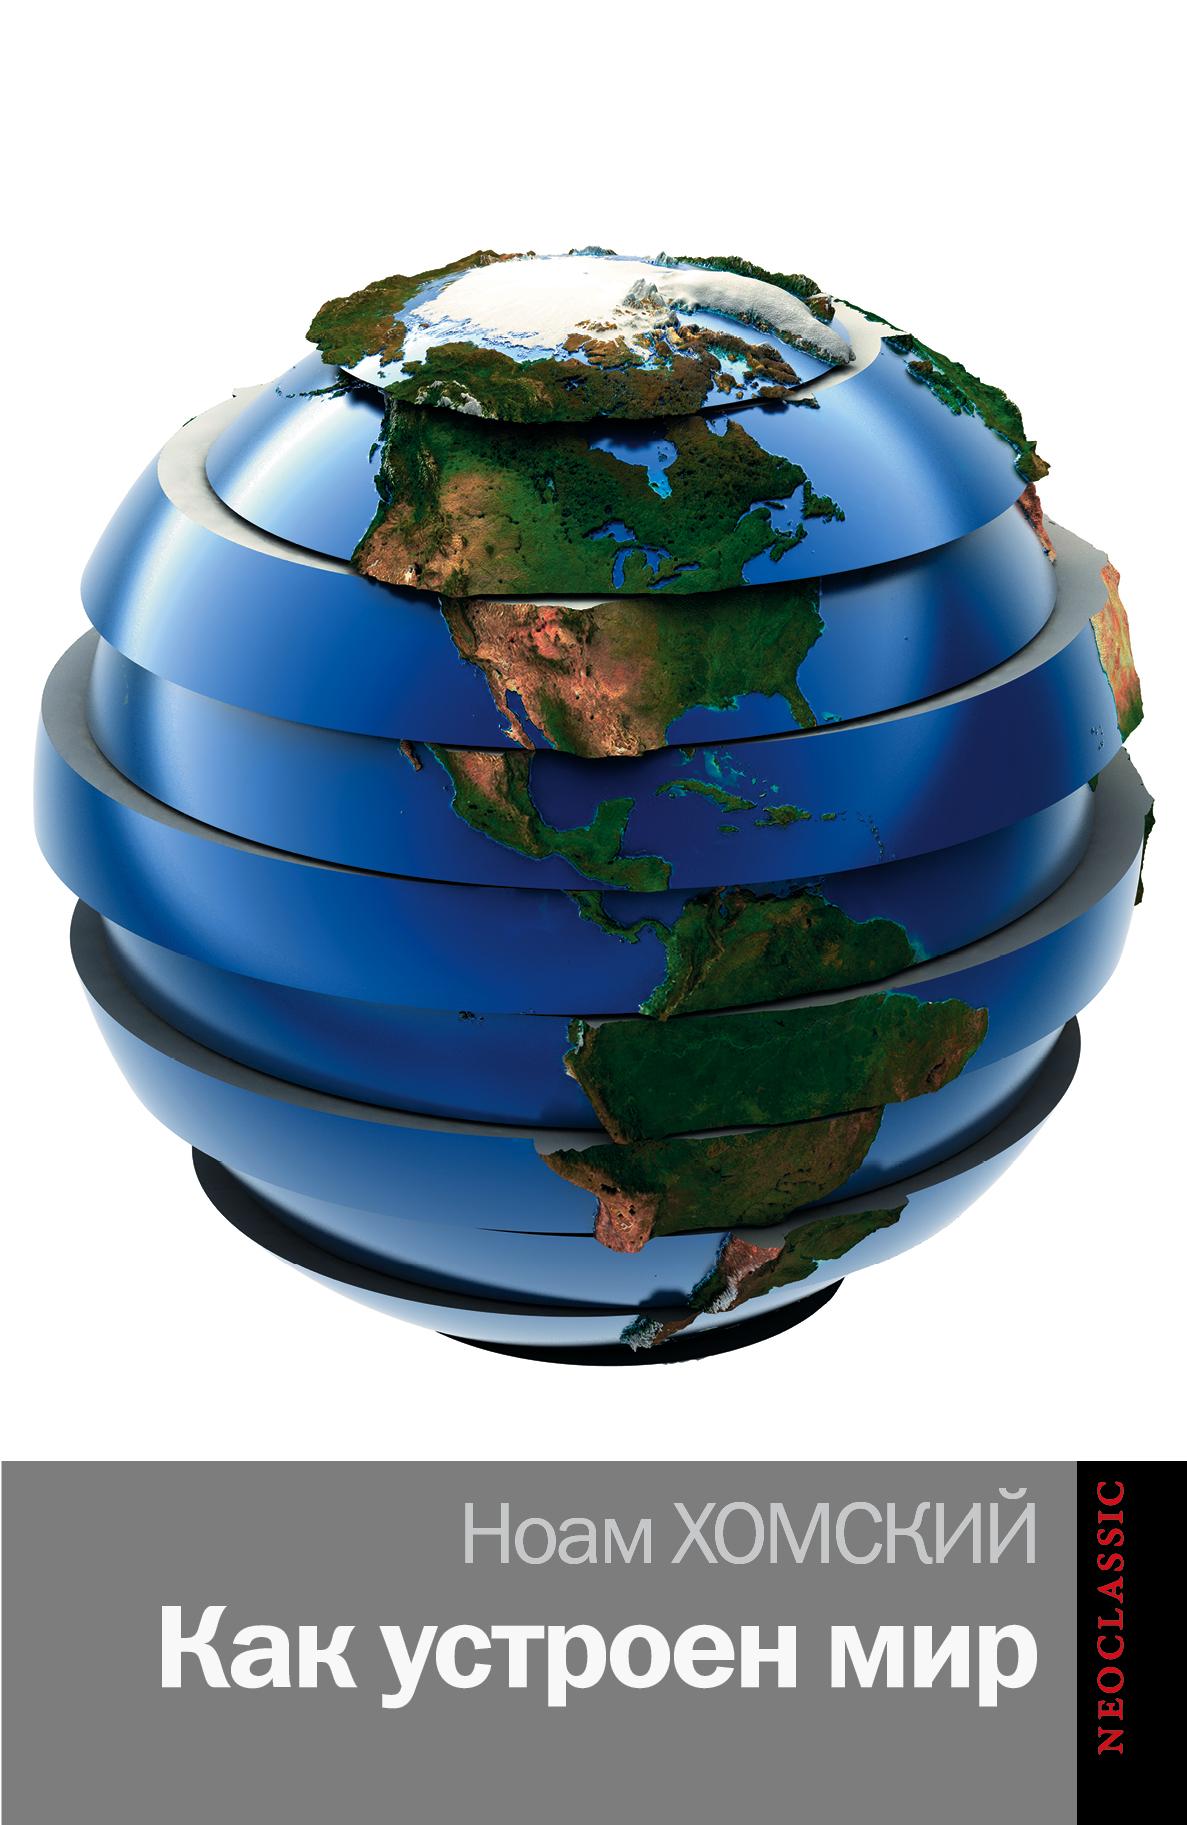 Хомский Н. Как устроен мир ноам хомский как устроен мир